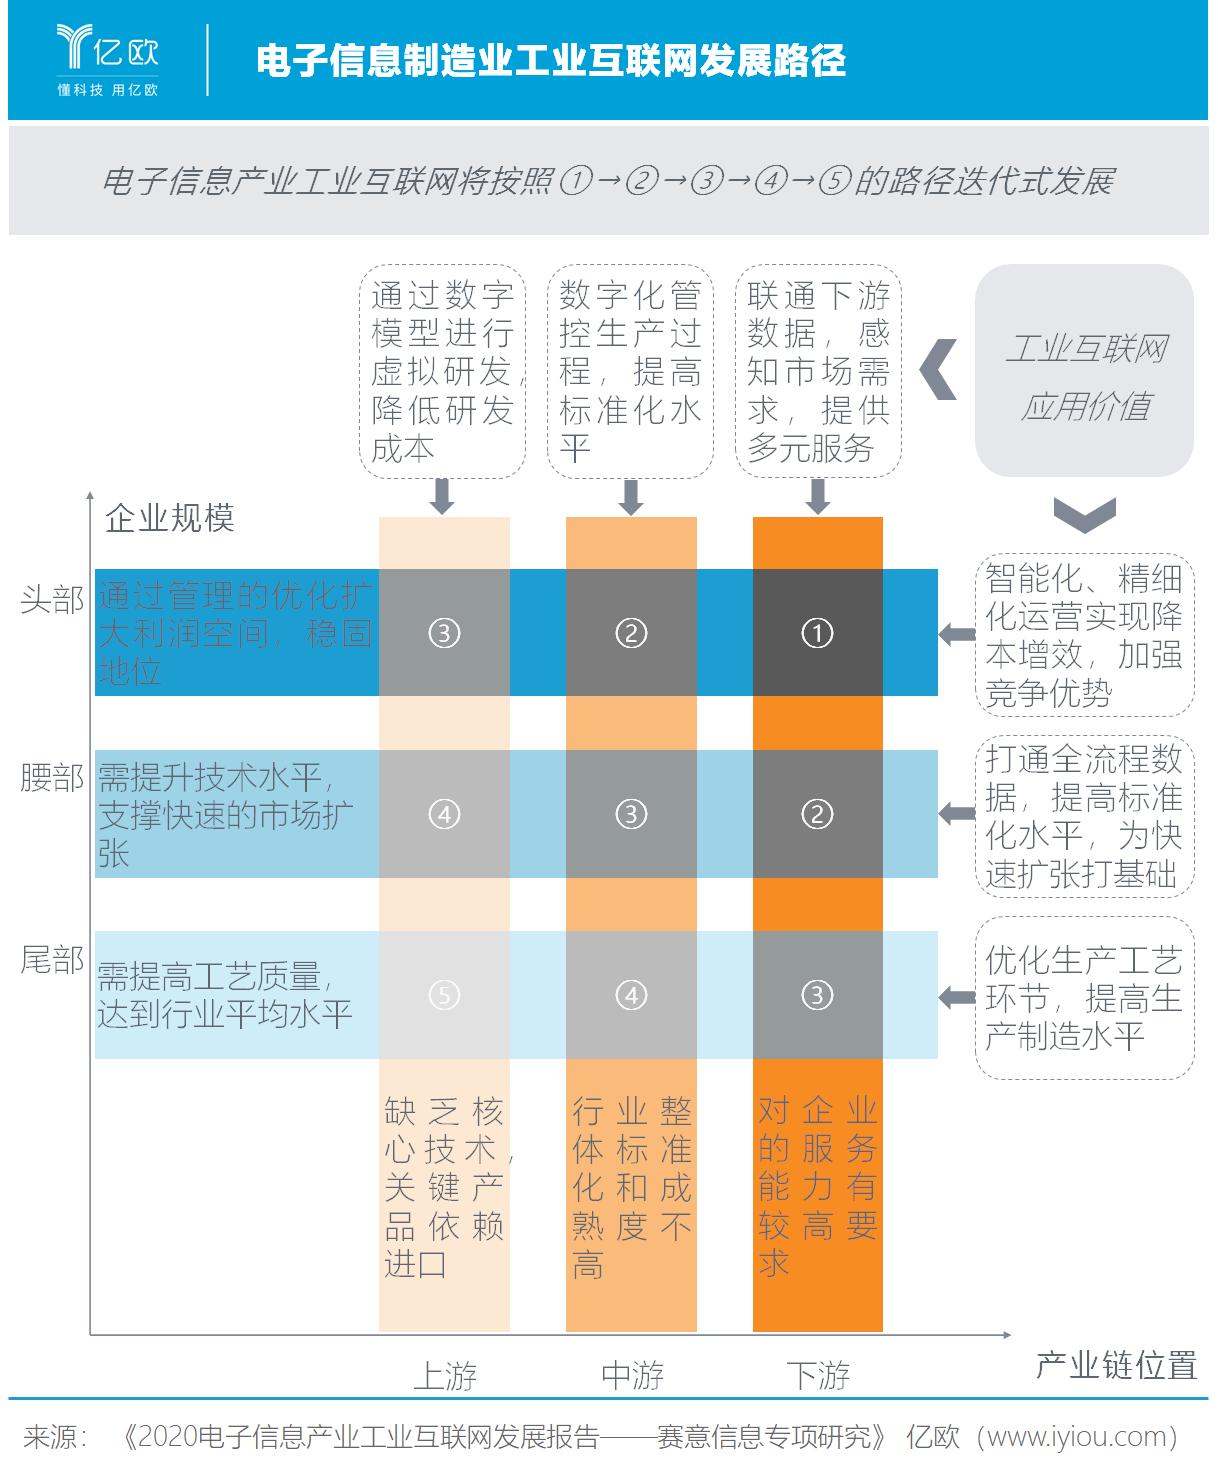 亿欧智库:电子信息制造业工业互联网发展路径